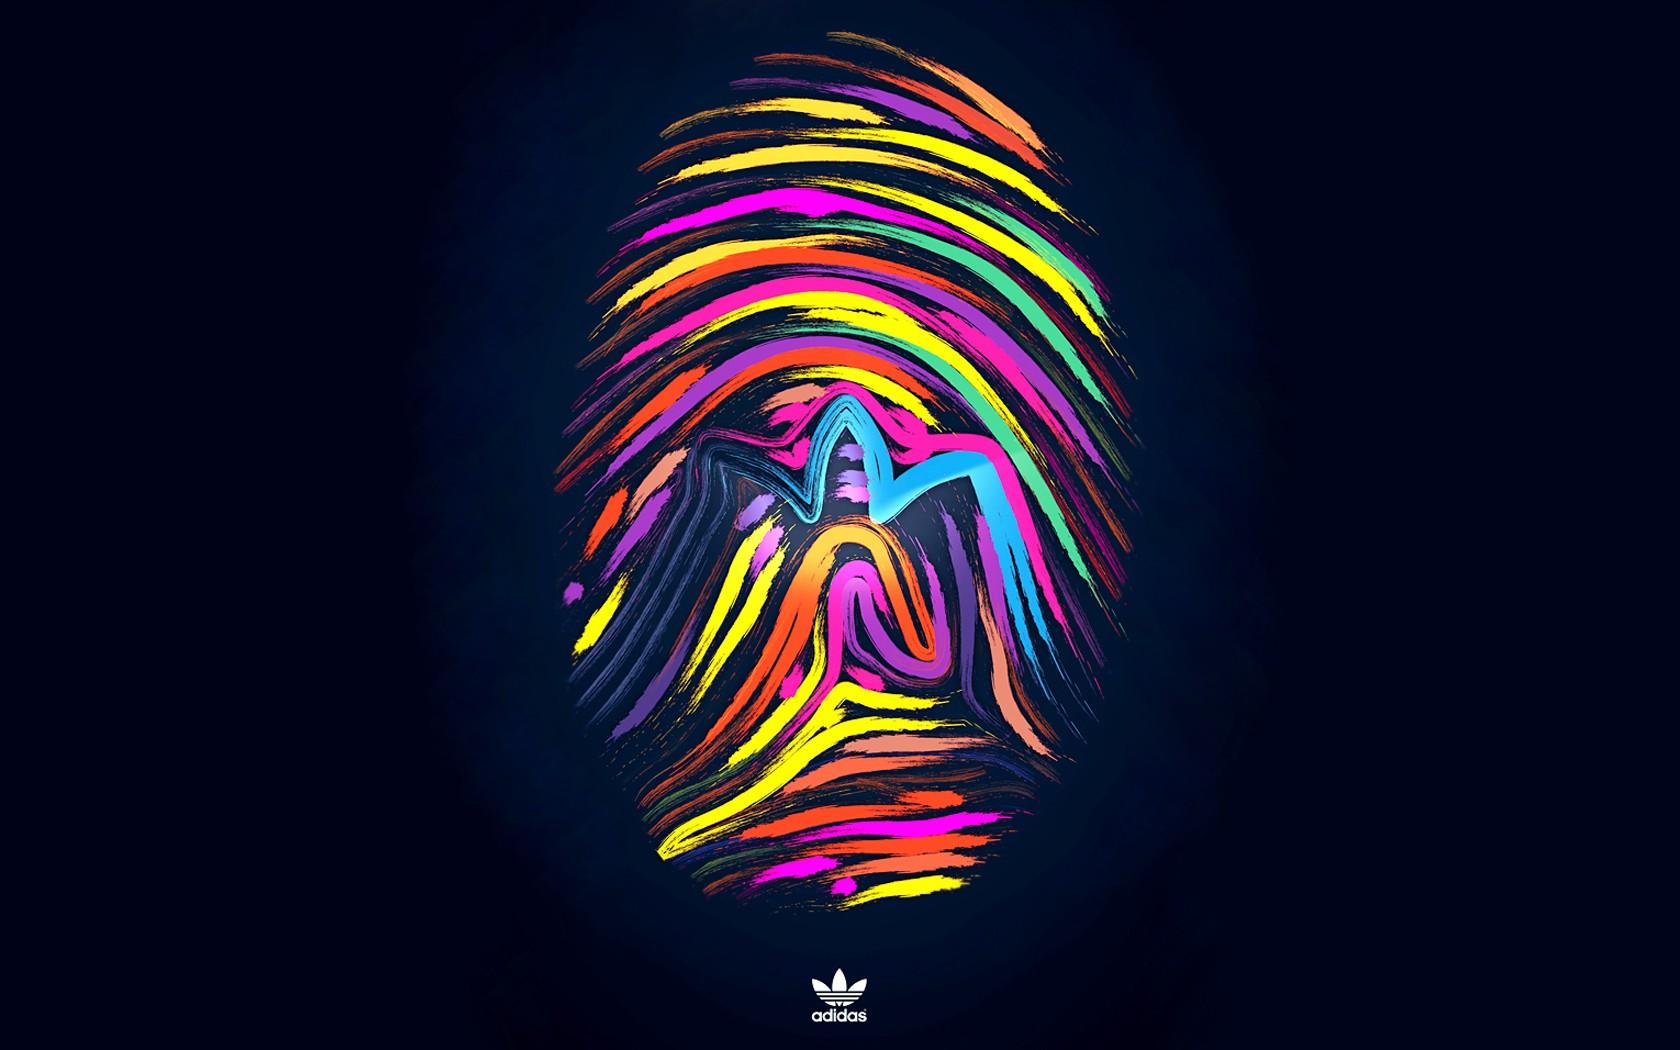 Adidas ロゴ 壁紙 Iphone Adidas ロゴ 壁紙 あなたのための最高の壁紙画像